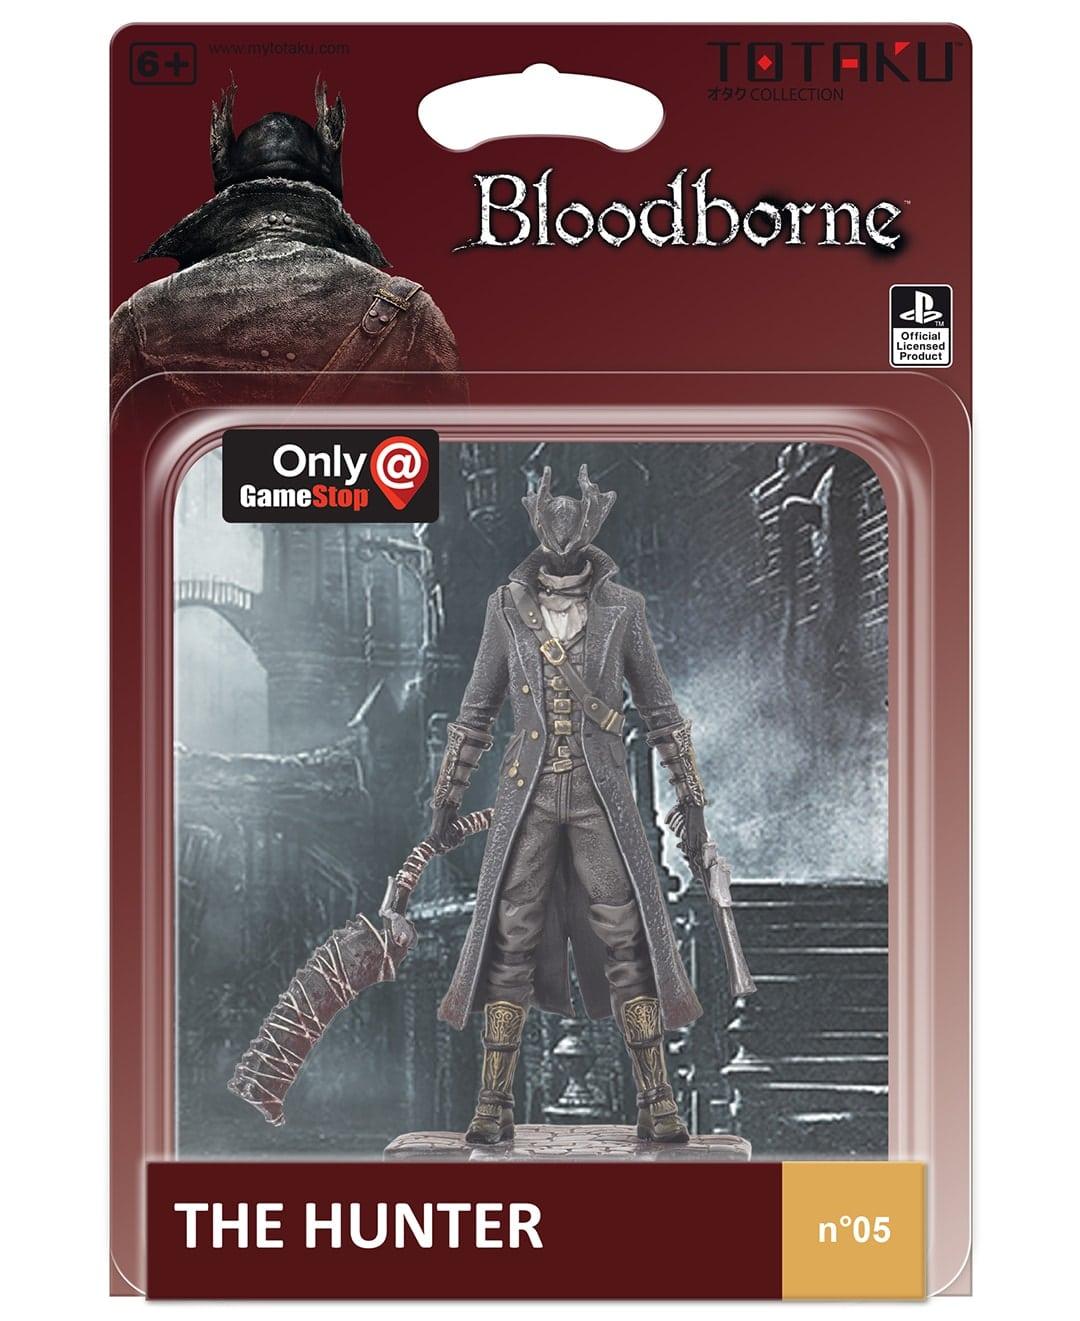 totaku cacciatore bloodborne box min - Totaku Collection - zestaw figurek z bohaterami PlayStation